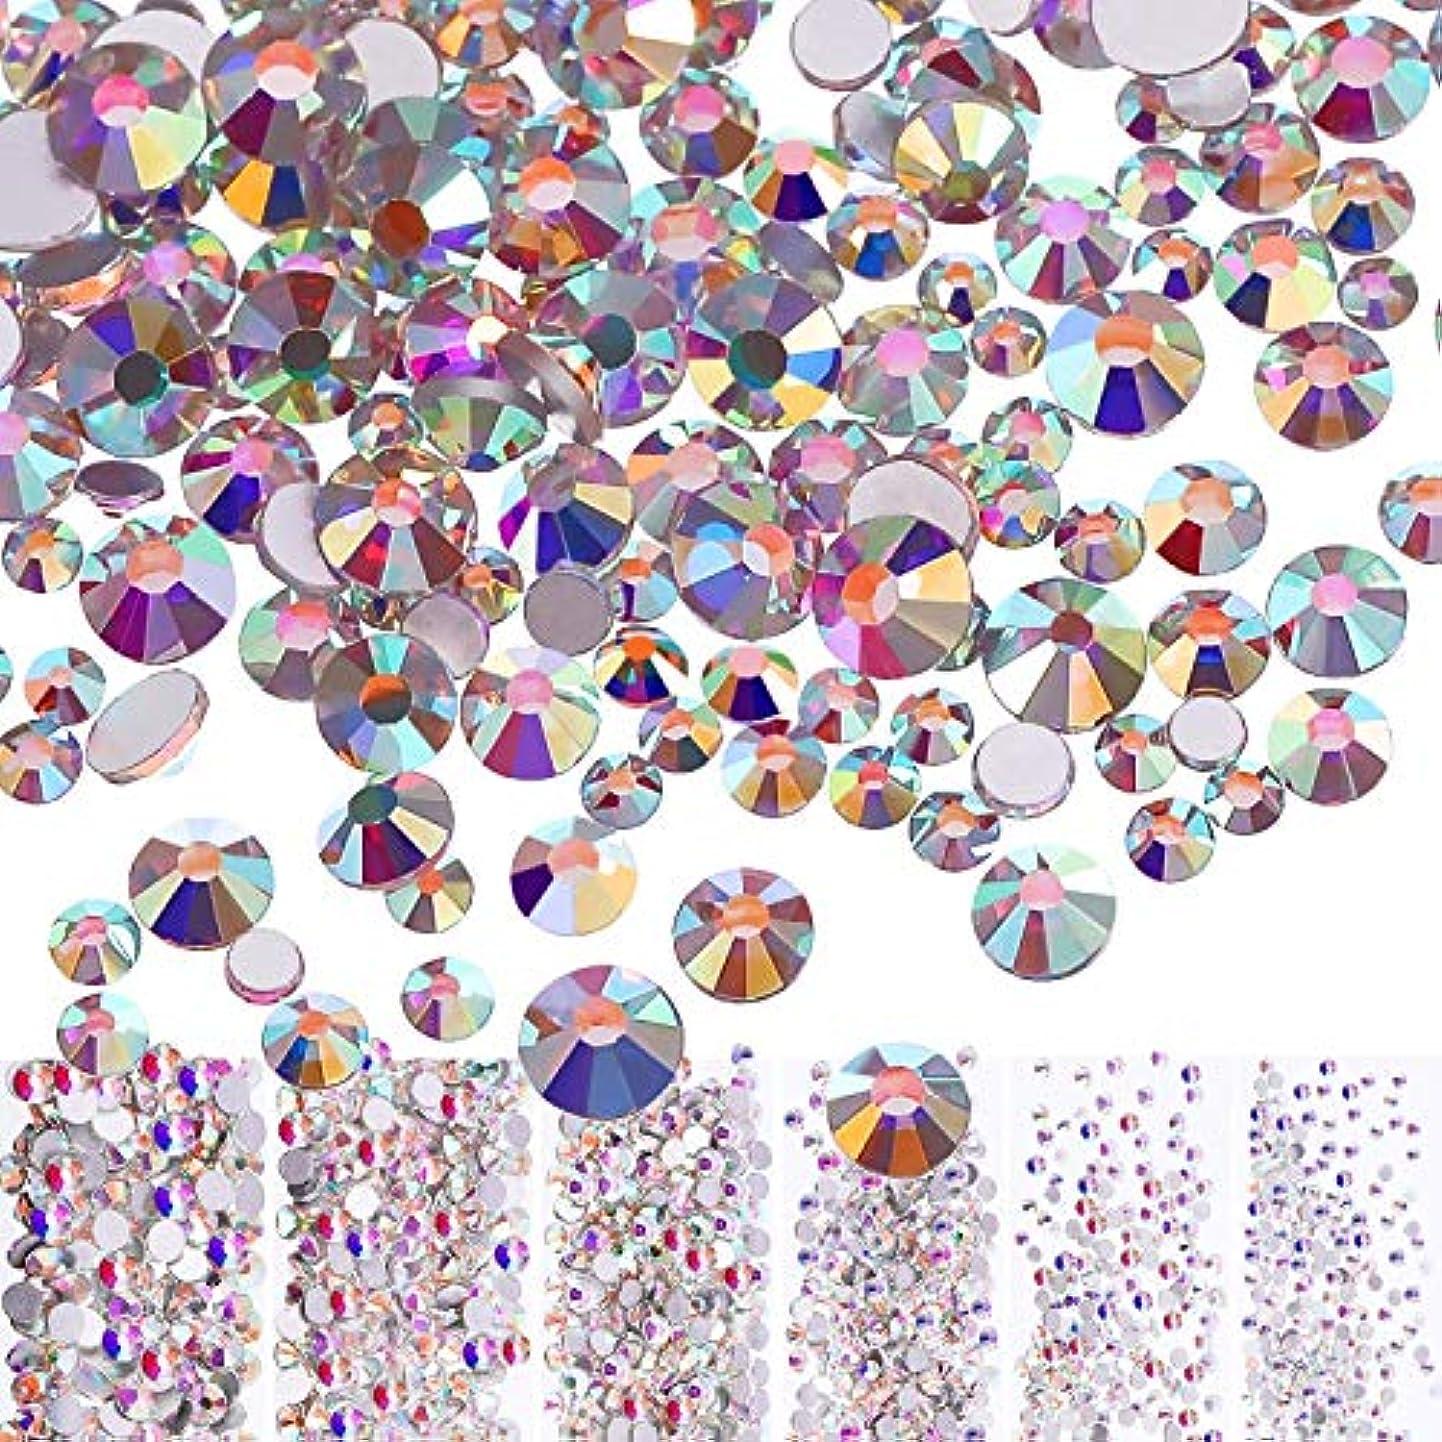 移住するキャリッジ空白Mojoe 3456個ネイルクリスタルAbネイルアートラインストーンラウンドバックガラスチャーム宝石石、6サイズネイル用装飾化粧服靴(、混合Ss4 5 6 8 10 12)(クリスタルAb)